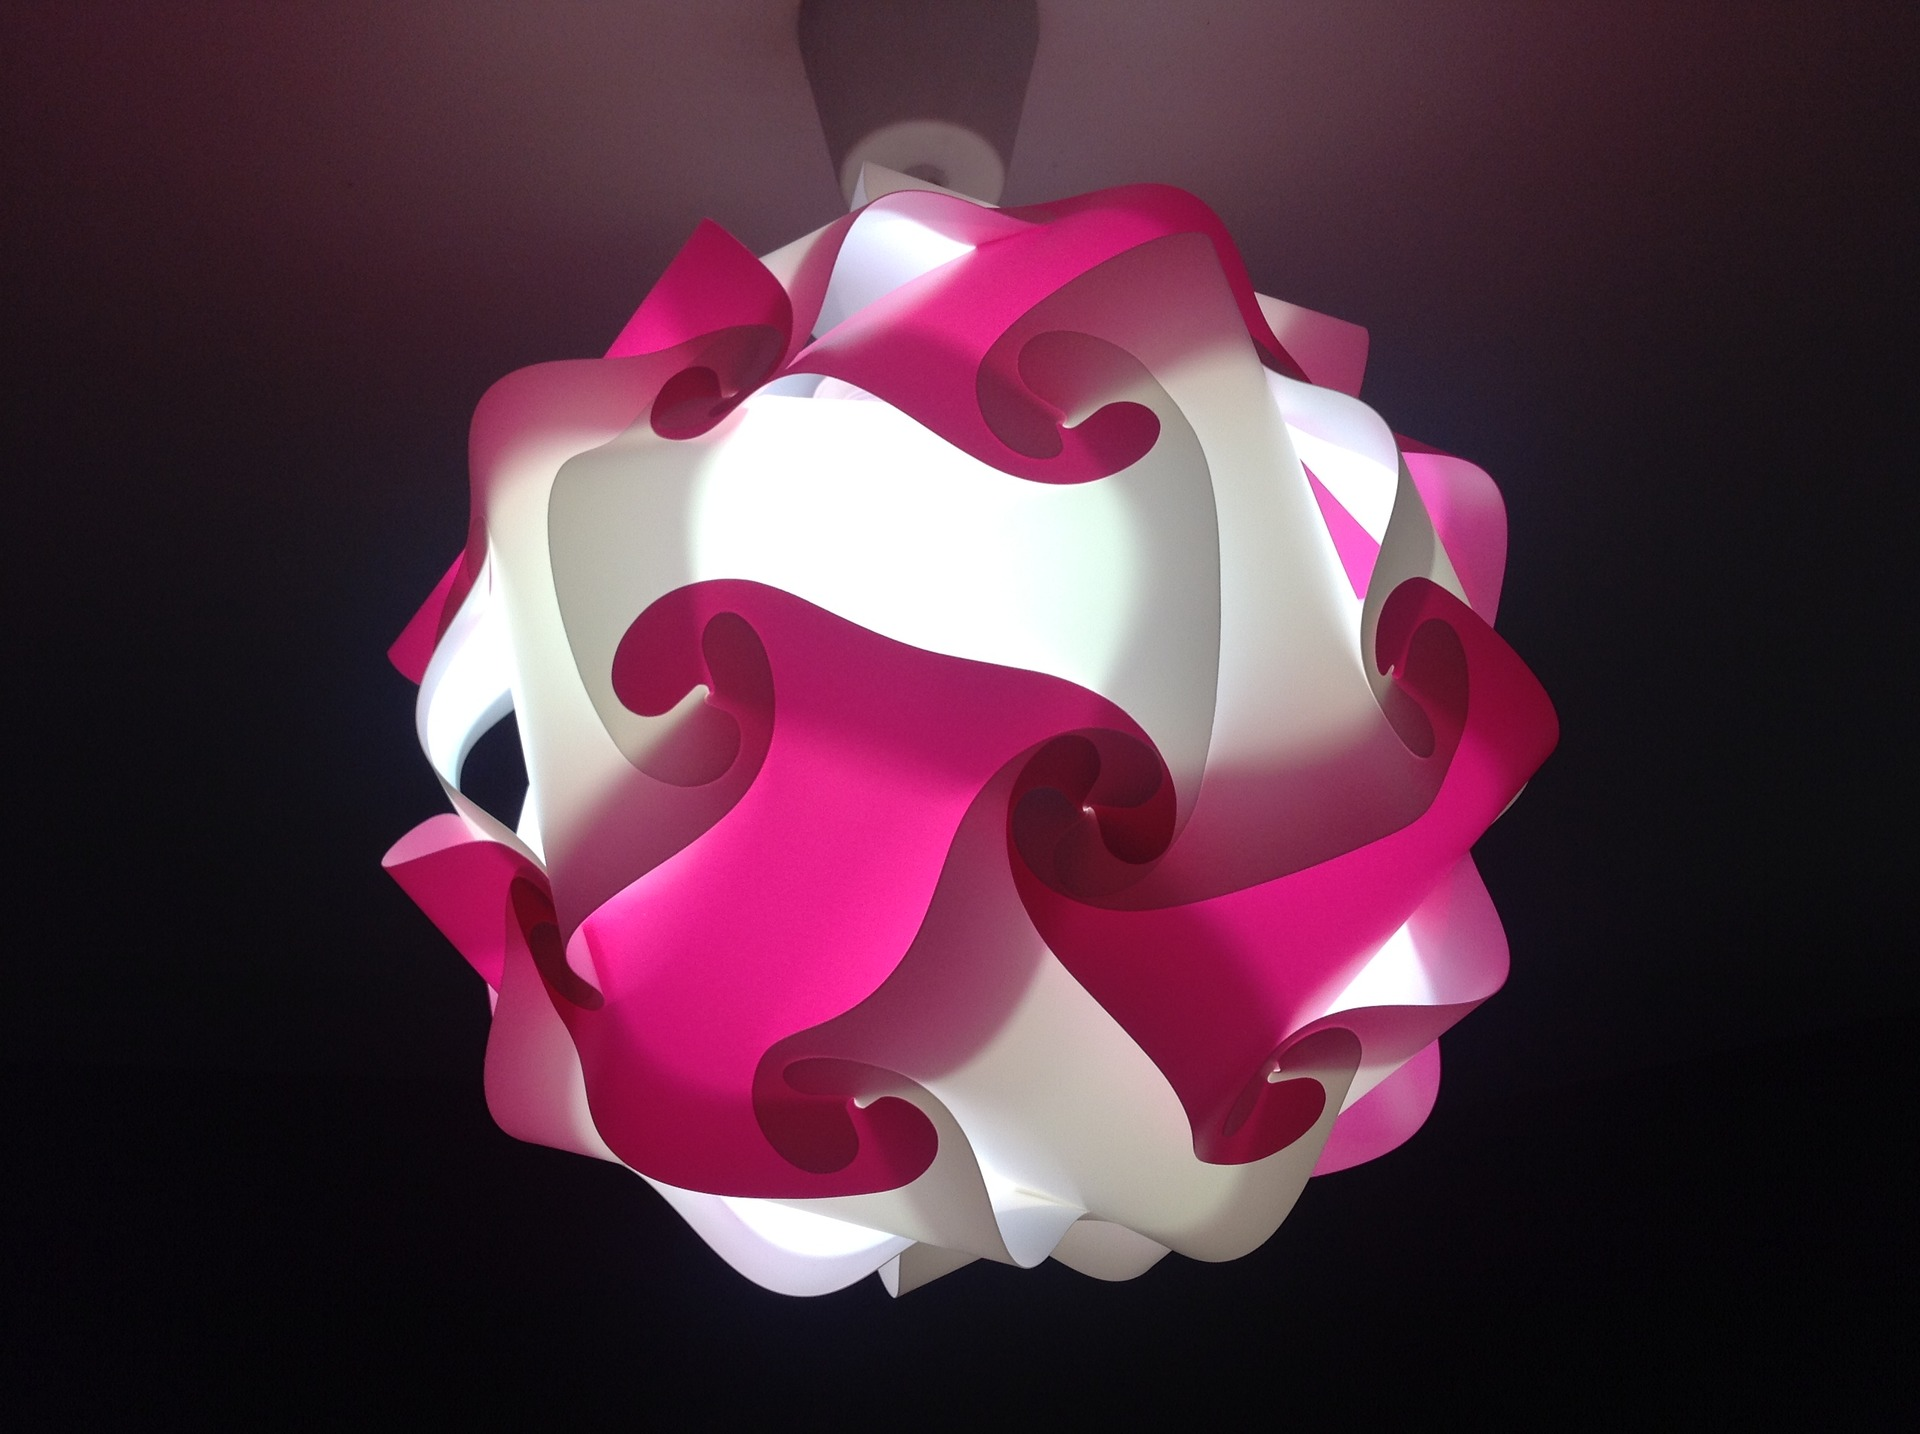 chambre d enfant luminaire sphere rose et blanche la 13252243 img 0431 90e83 ea3c3 big 2 5 Luxe Plafonnier Chambre à Coucher Ojr7